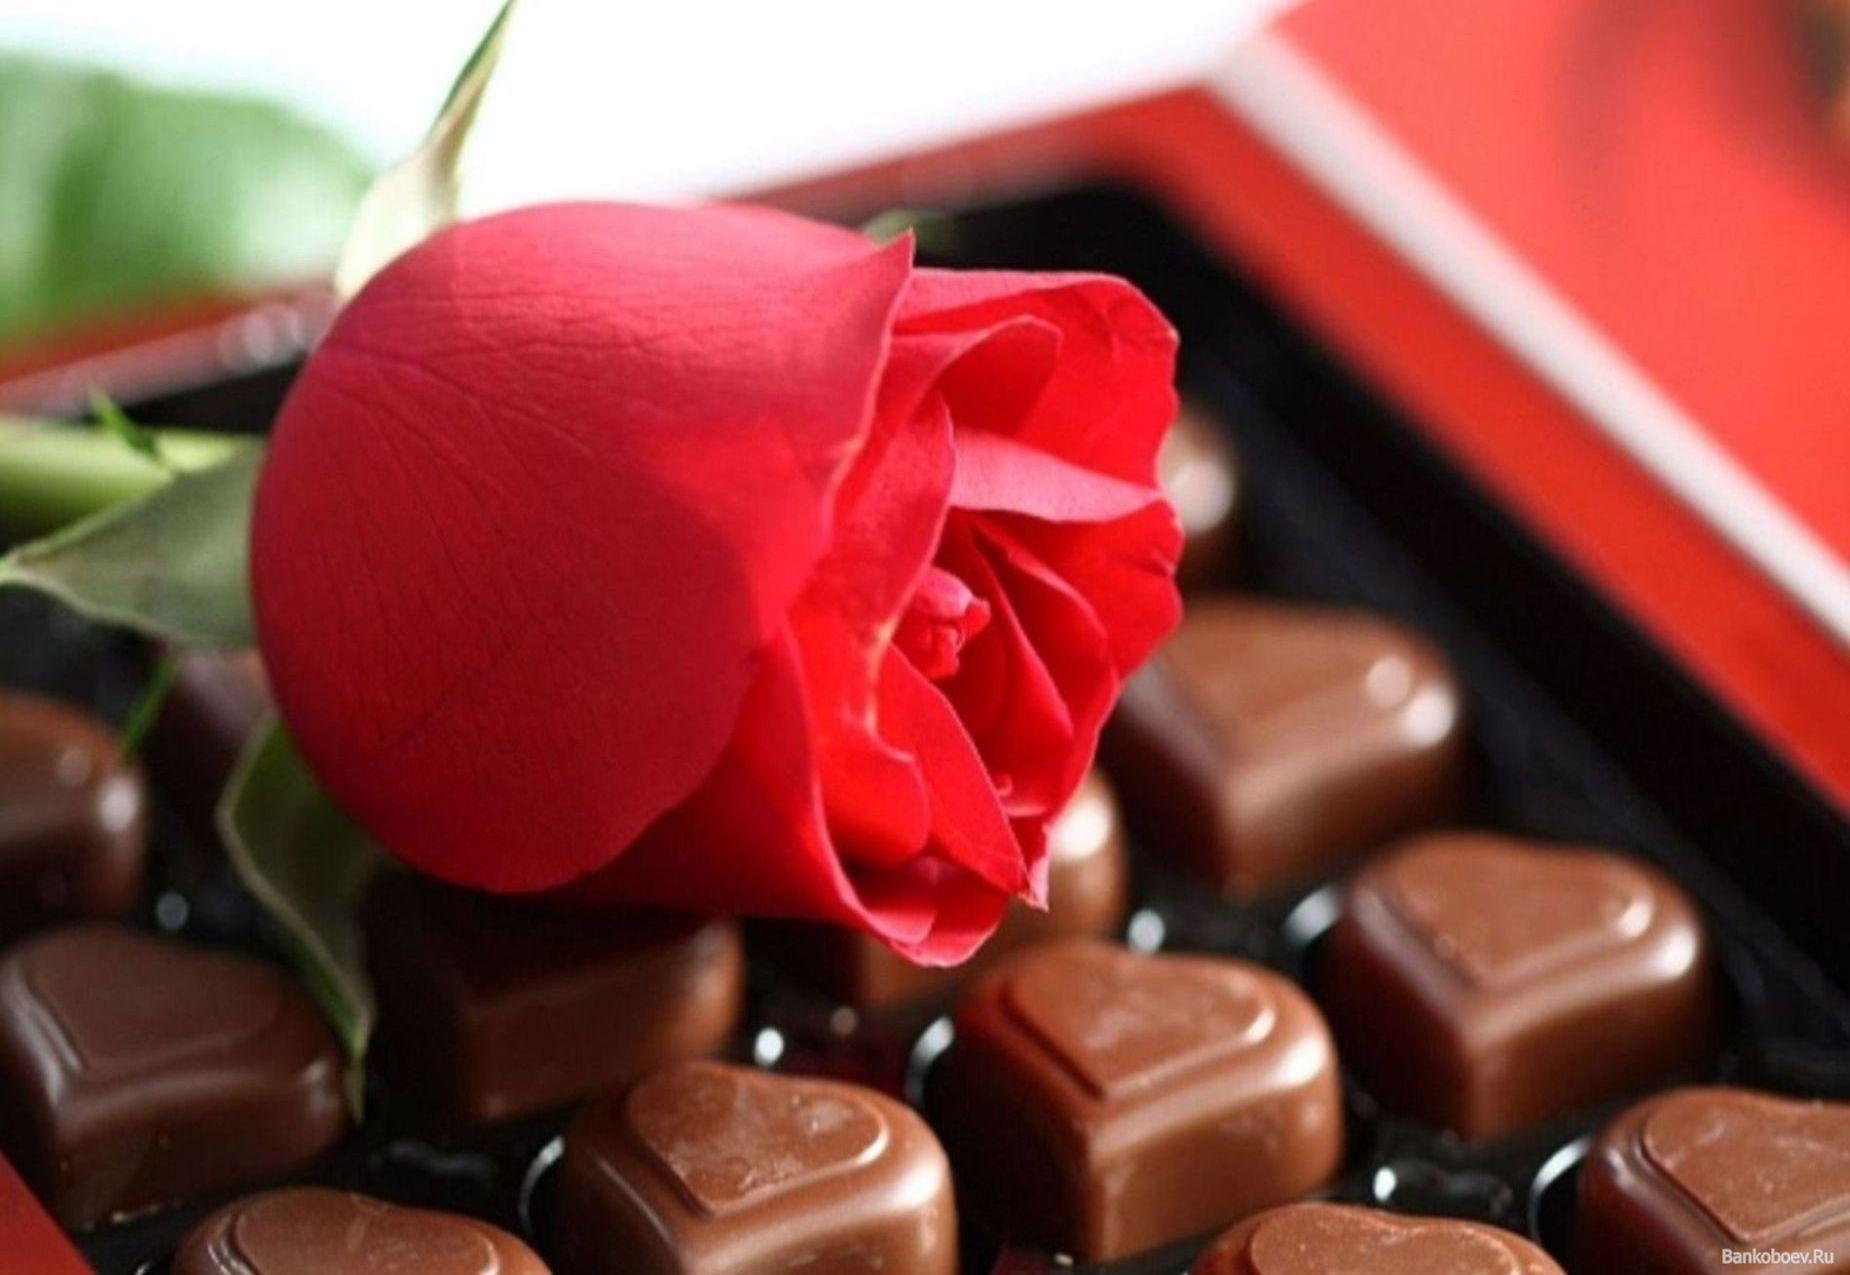 шоколадные конфеты и красные розы, скачать фото, обои на рабочий стол